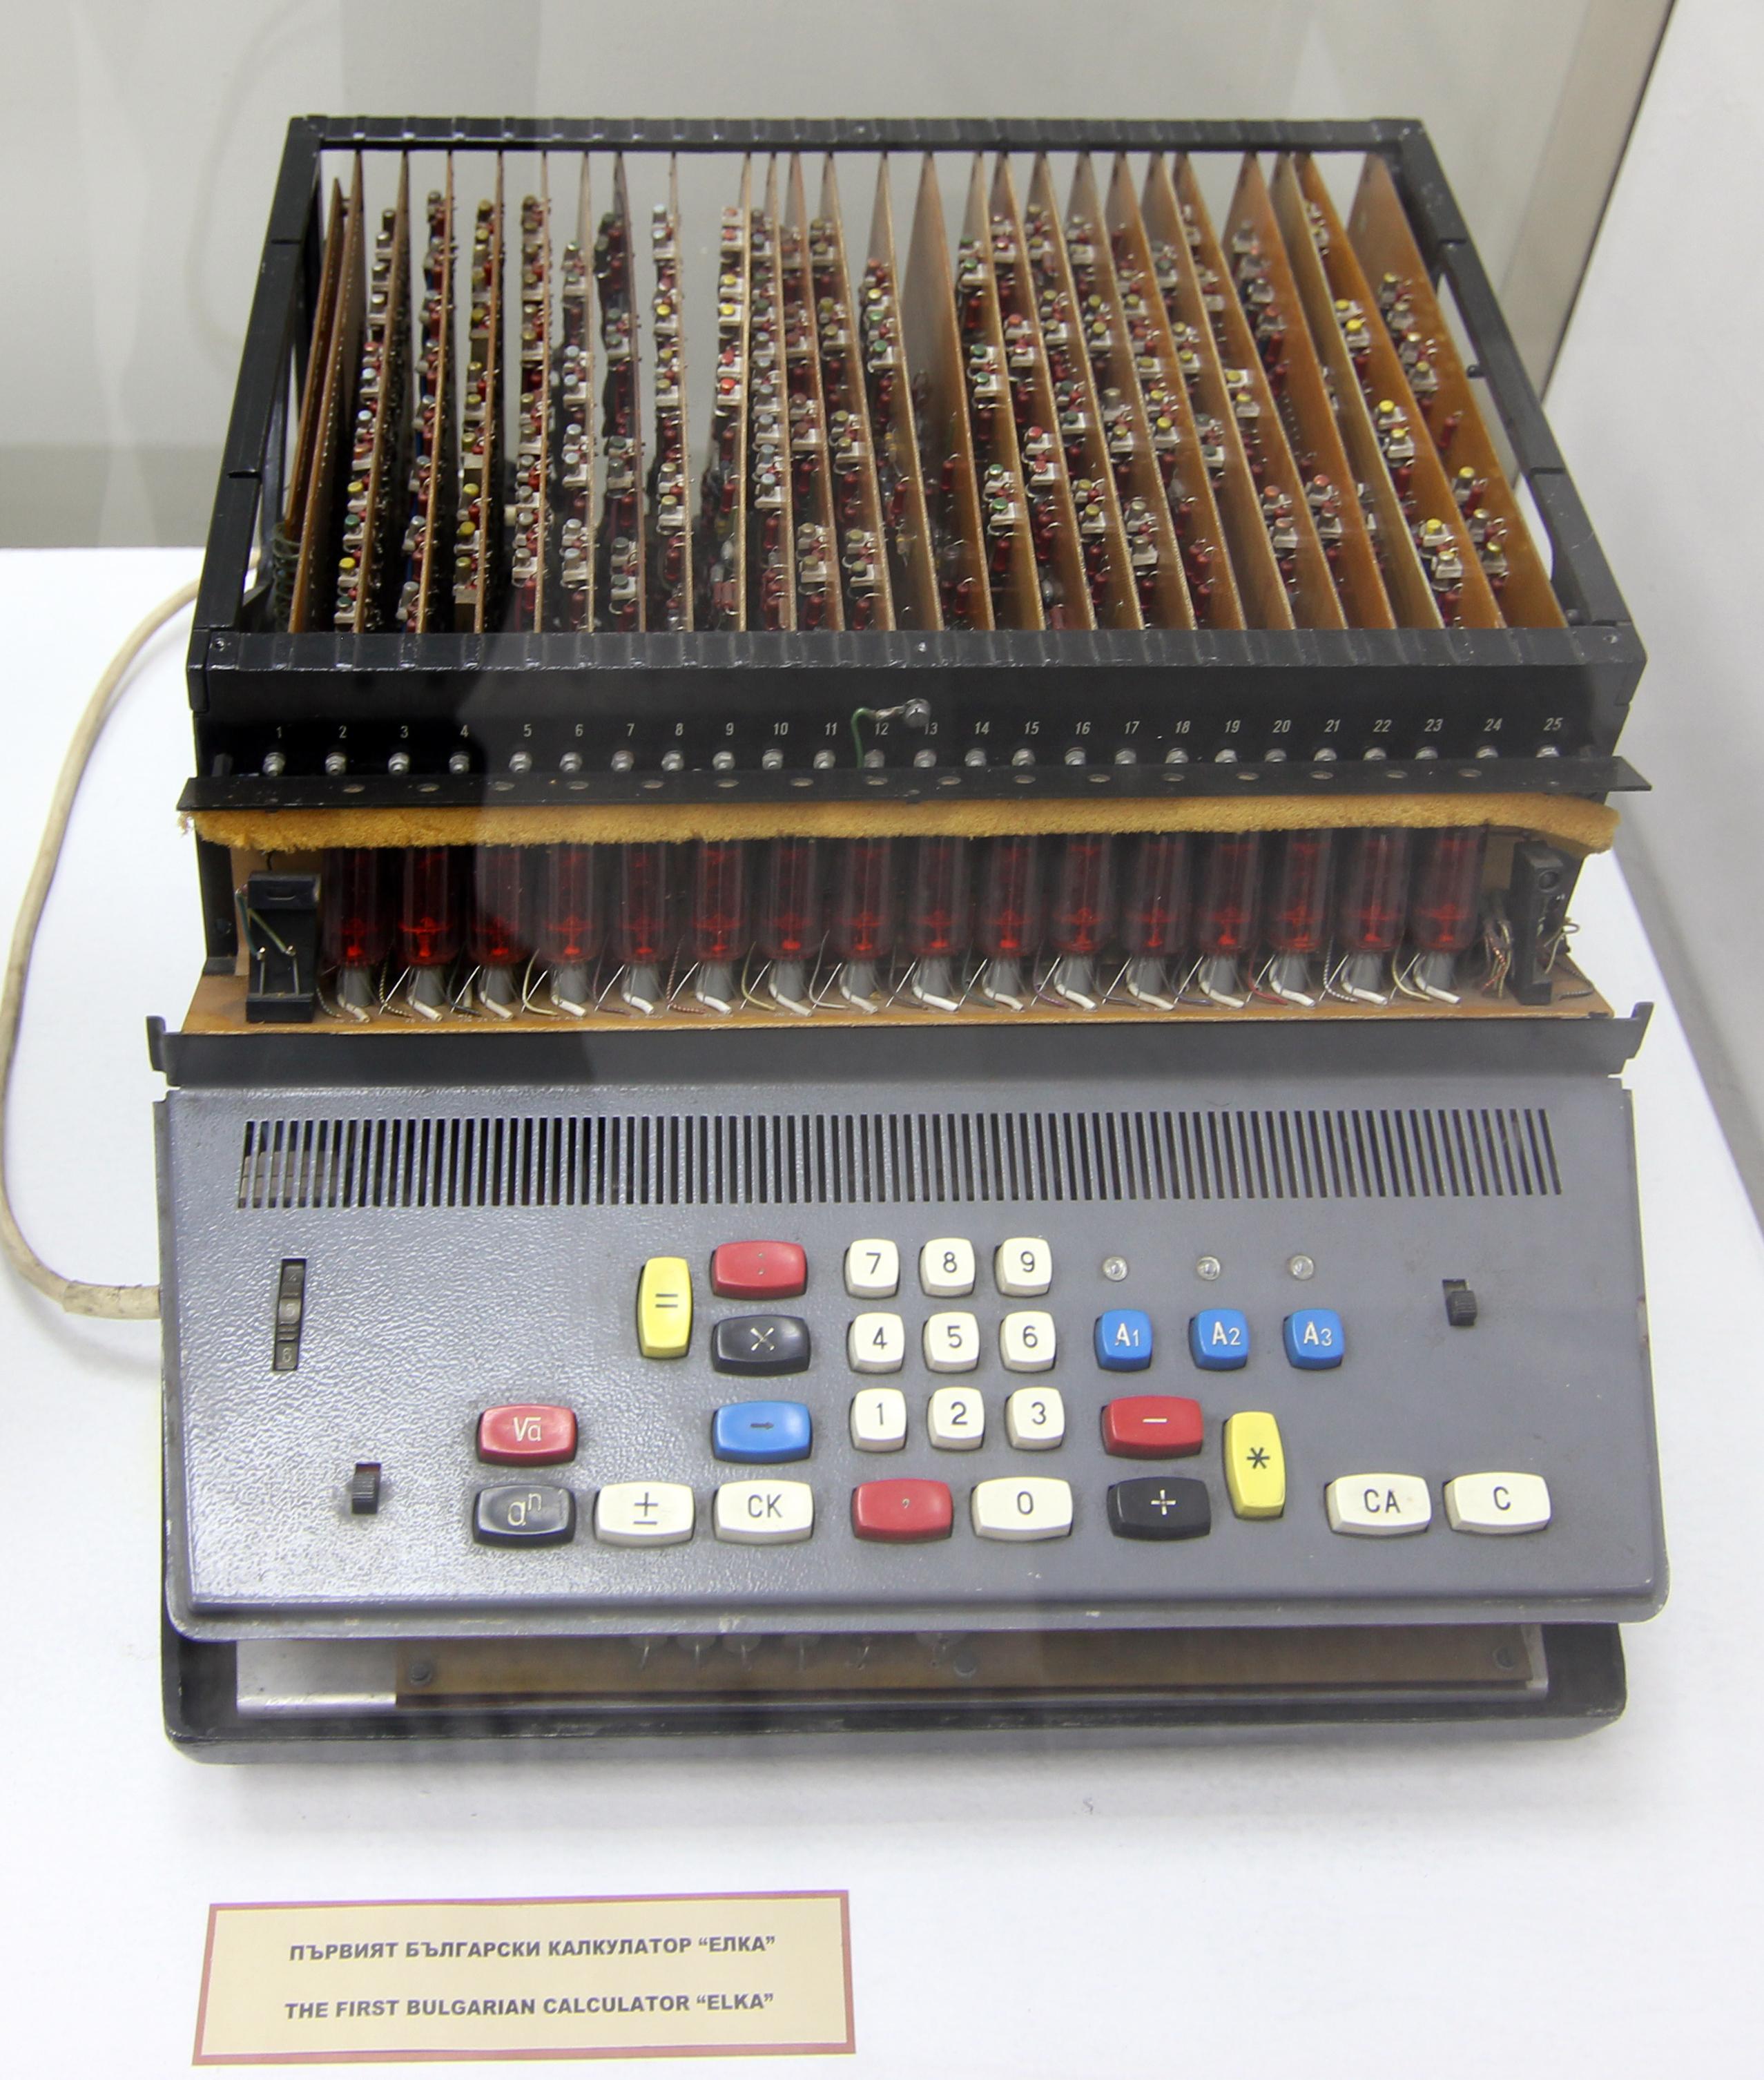 Първият български калкулатор Елка 6521, създаден през 1965 г. и произвеждан от 1967 г., първият калкулатор, който включва функция КоренуванеDate